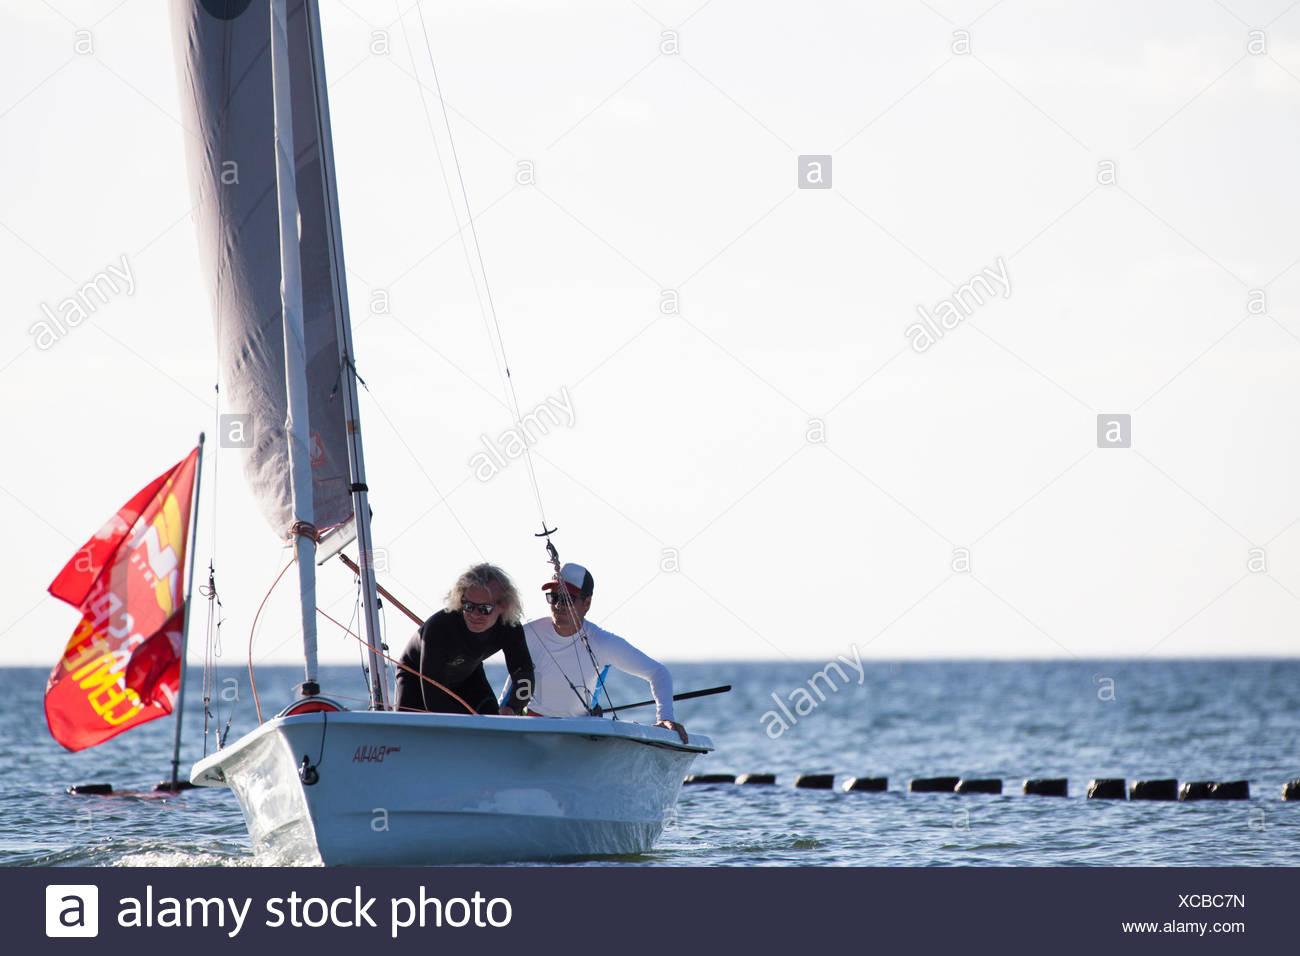 sailing boats, docking manoeuvre - Stock Image